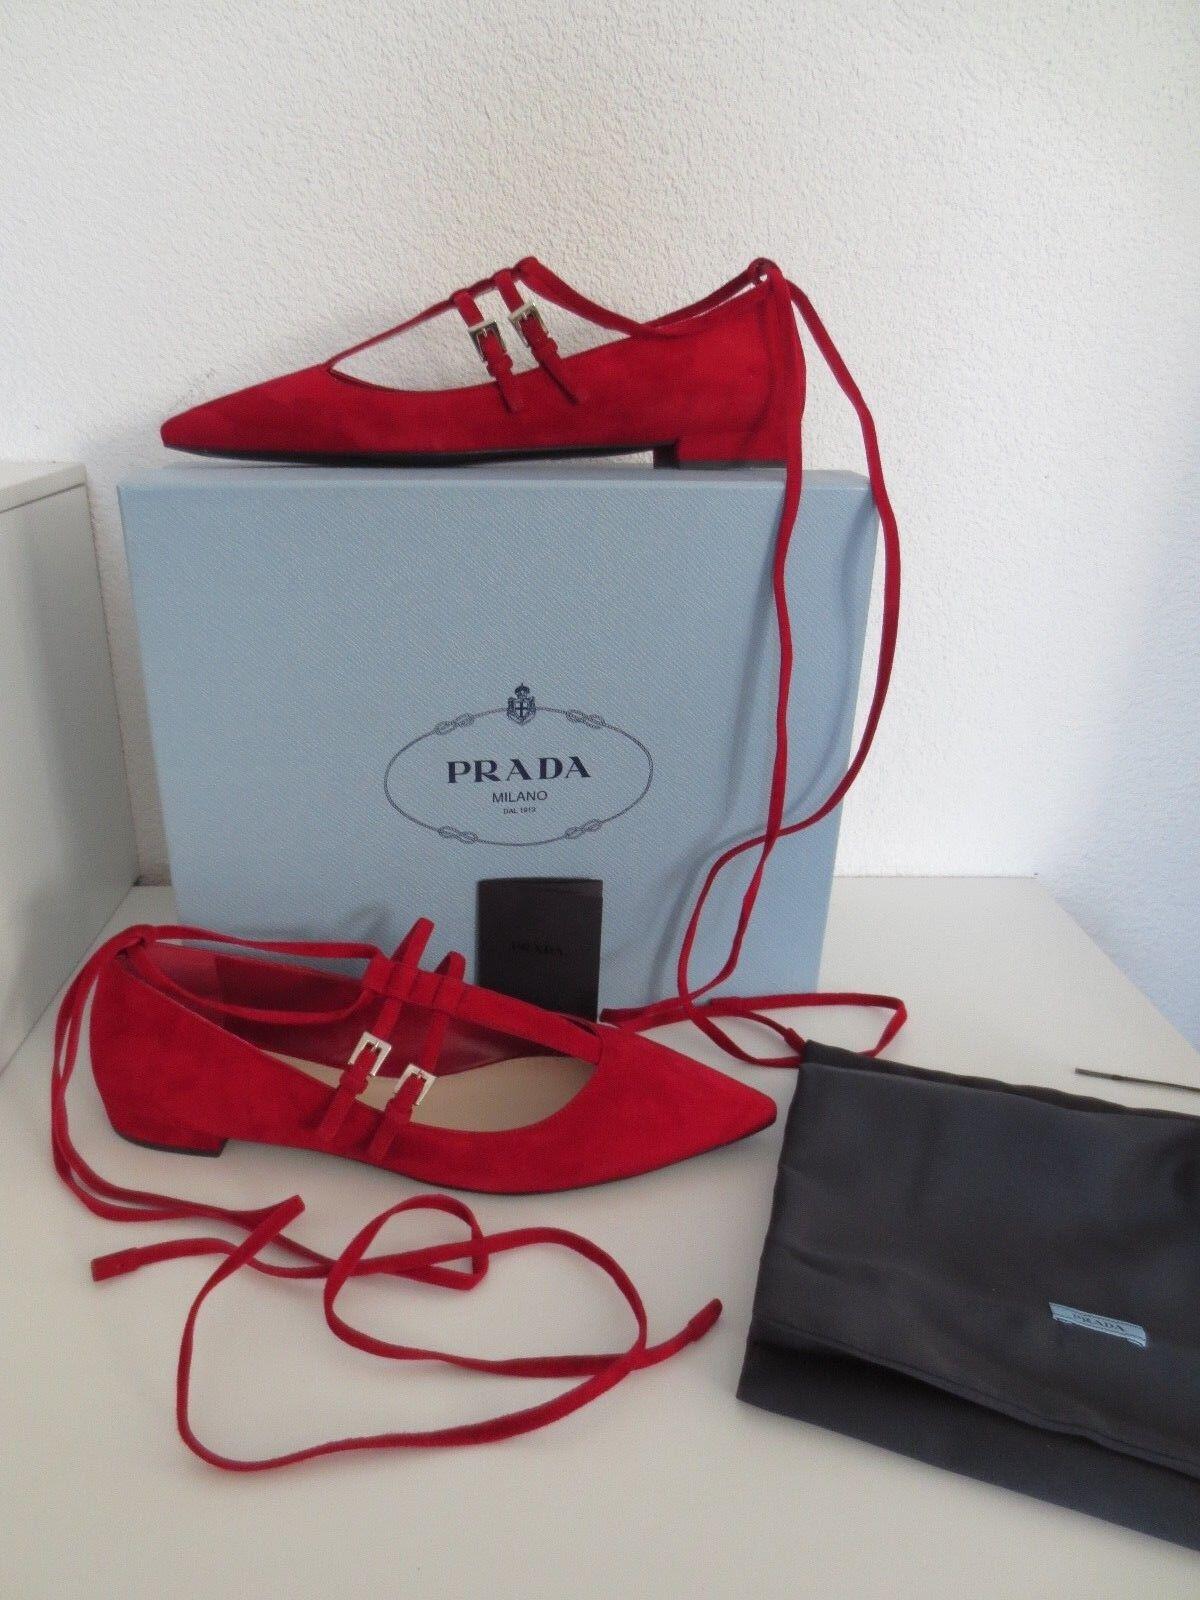 PRADA Damen Ballerinas Gr. Schuhe 39,5 CHERRY Rot Leder Schuhe Gr. Ballerina neu 315d6e